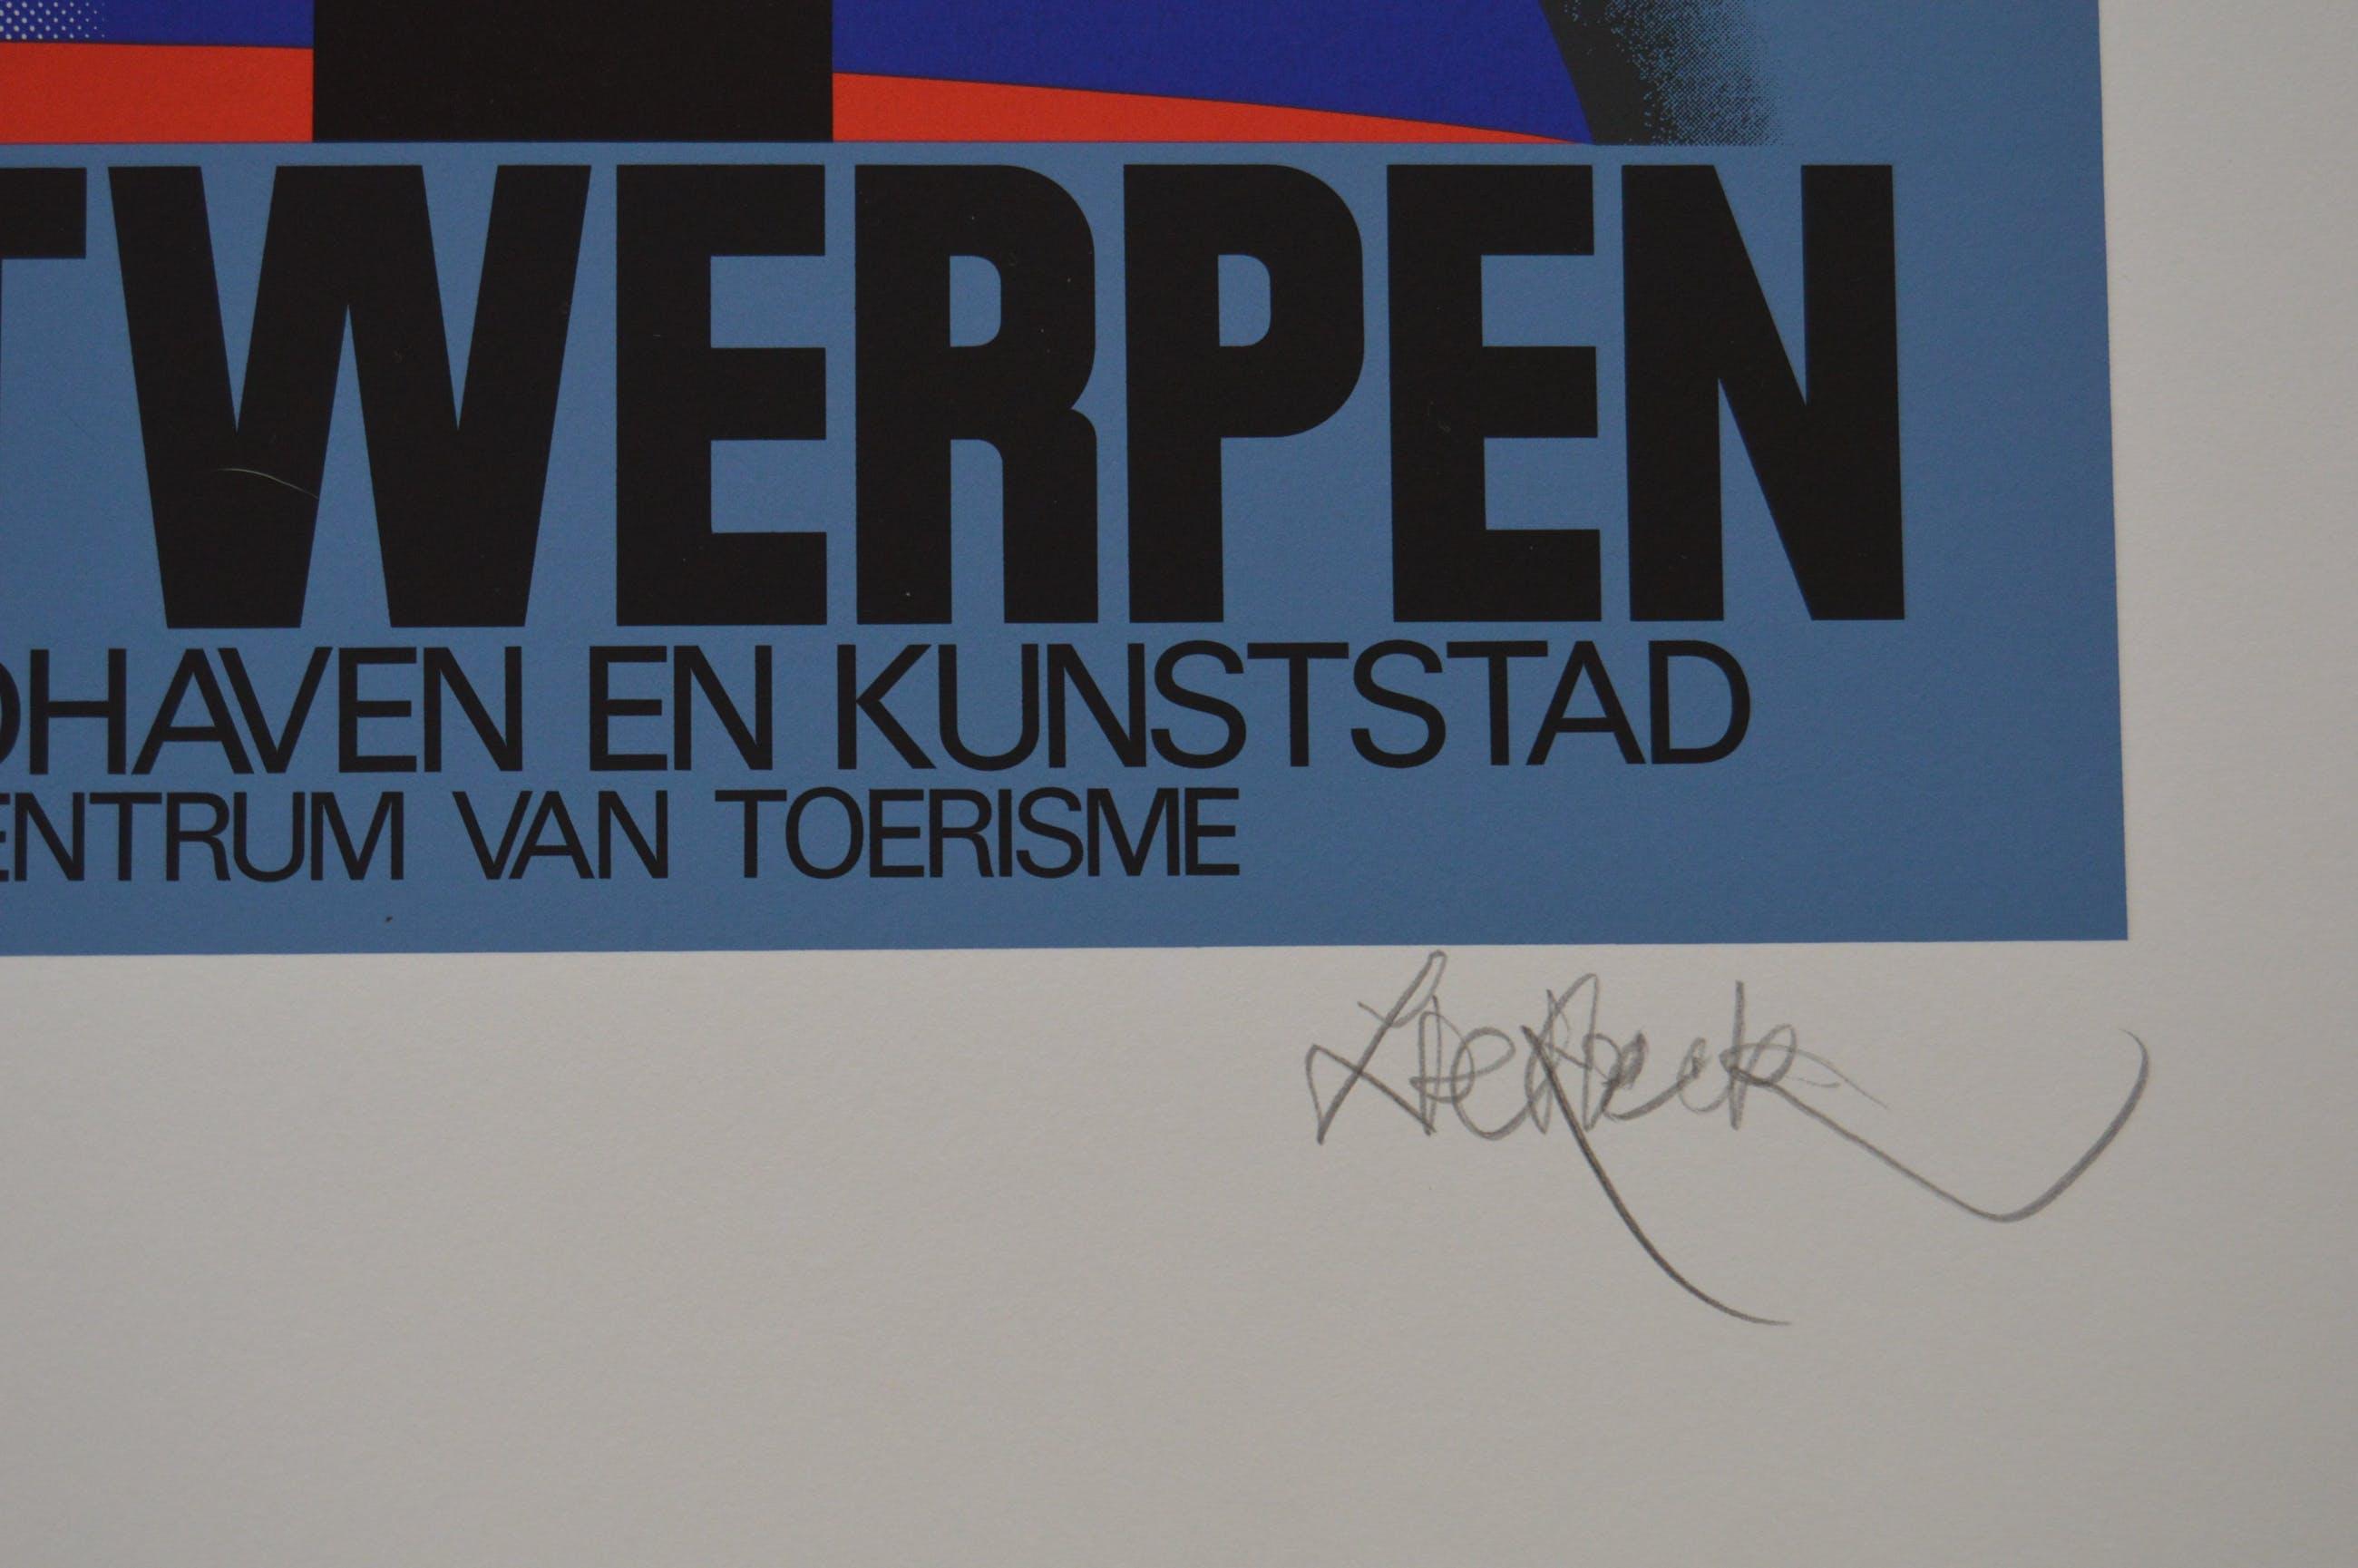 Lucien De Roeck - Lucien de Roeck - zeefdruk - Antwerpen, kunststad, centrum van toerisme kopen? Bied vanaf 70!